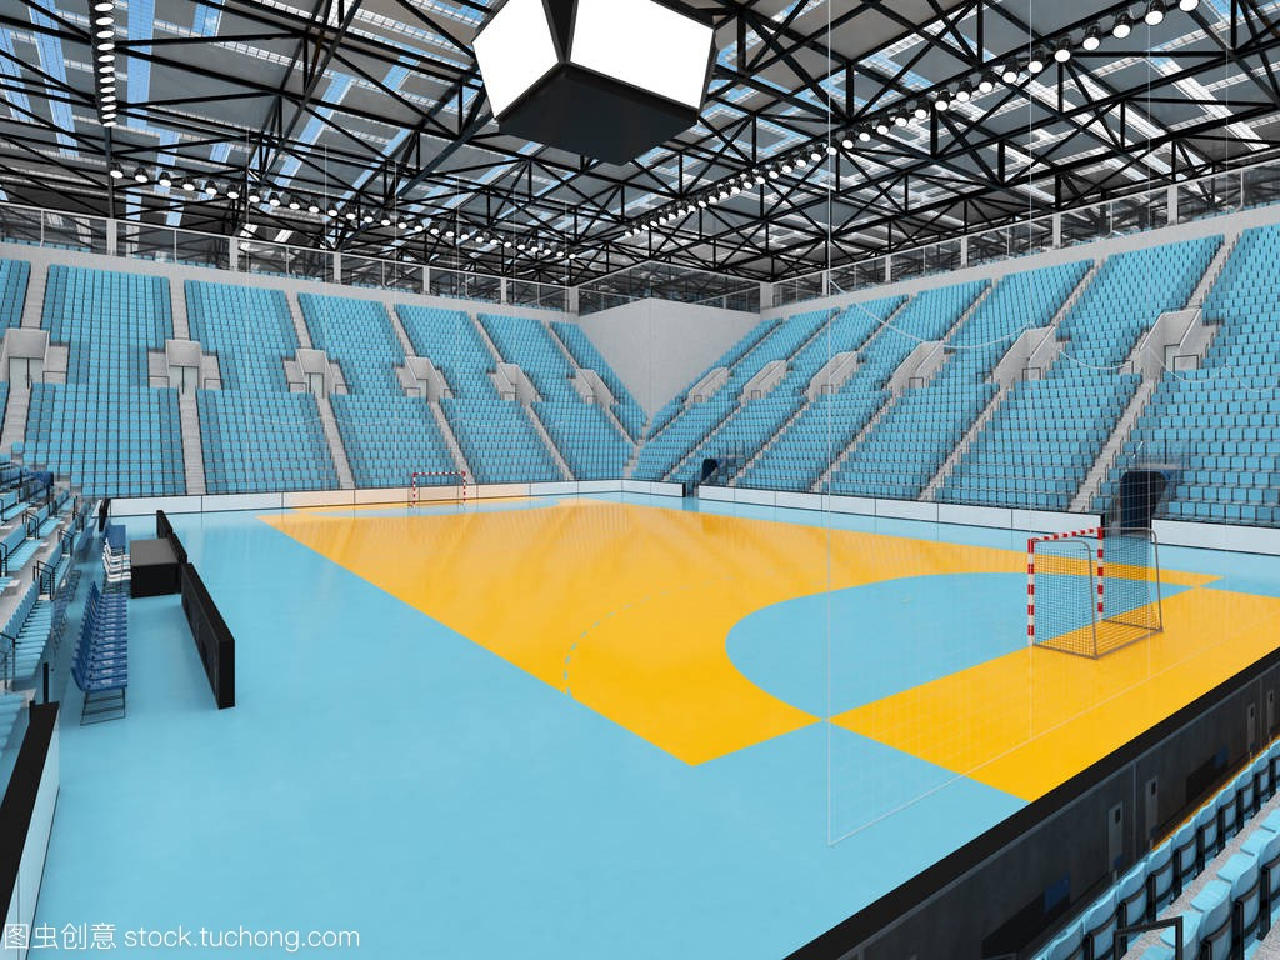 现代手球竞技场蓝色与套路武术剑术和1万球体育座椅v手球国际天空图片